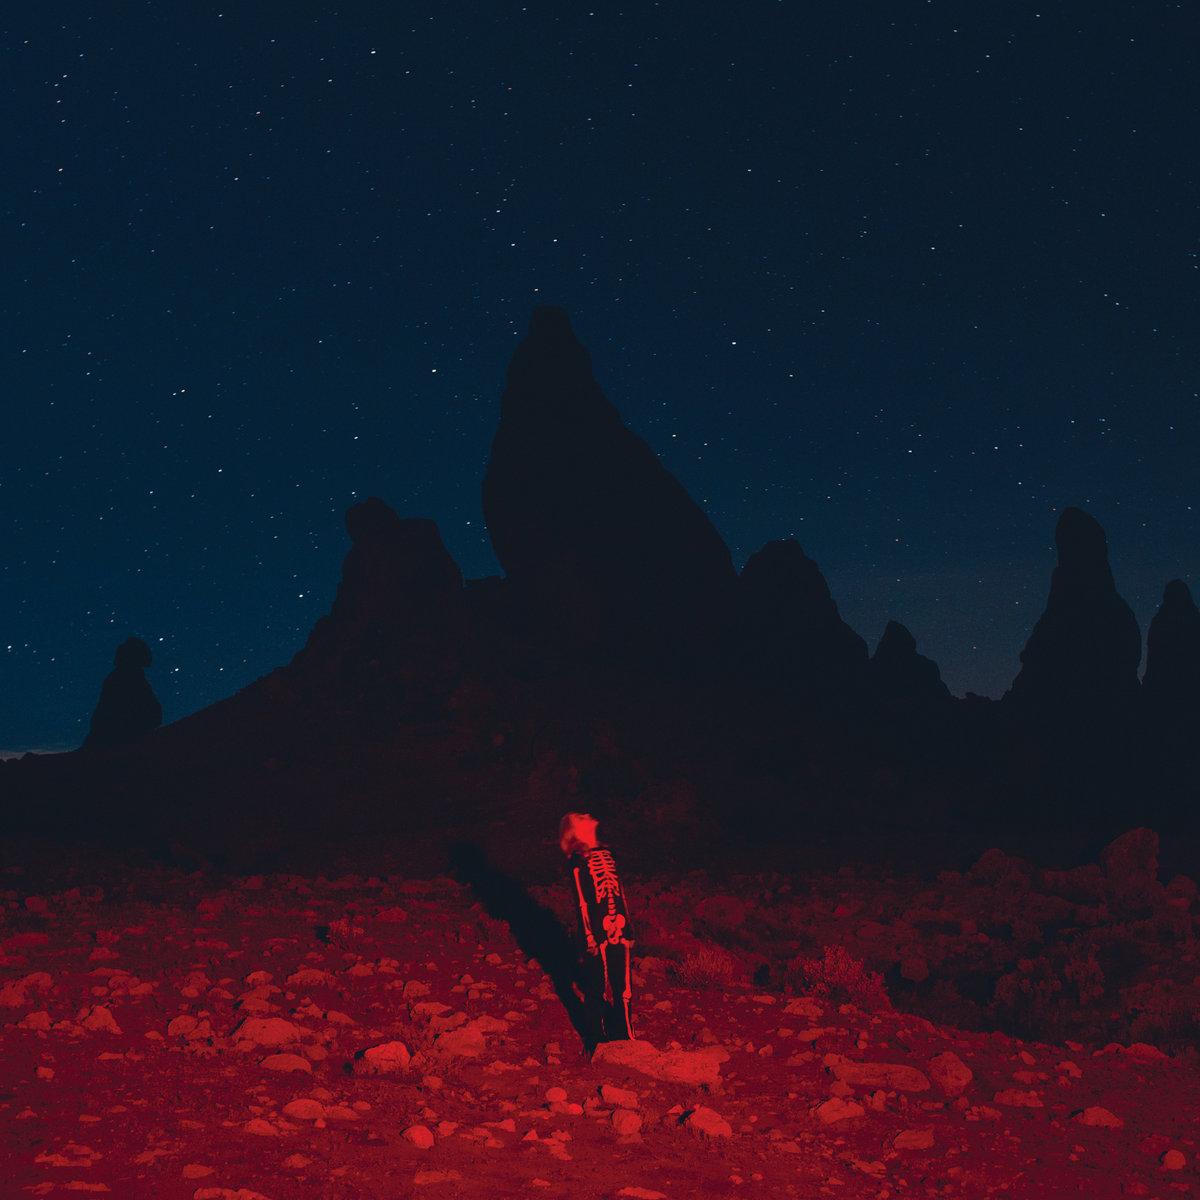 Capa do álbum Punisher. Mostra Phoebe Bridgers em pé e olhando para o céu, de perfil, com um macacão preto que imita um esqueleto. Ela está em um lugar cheio de pedras e ao fundo há uma montanha. O céu está estrelado e em azul escuro forte, enquanto o resto do quadro está sendo iluminado por uma luz vermelha.